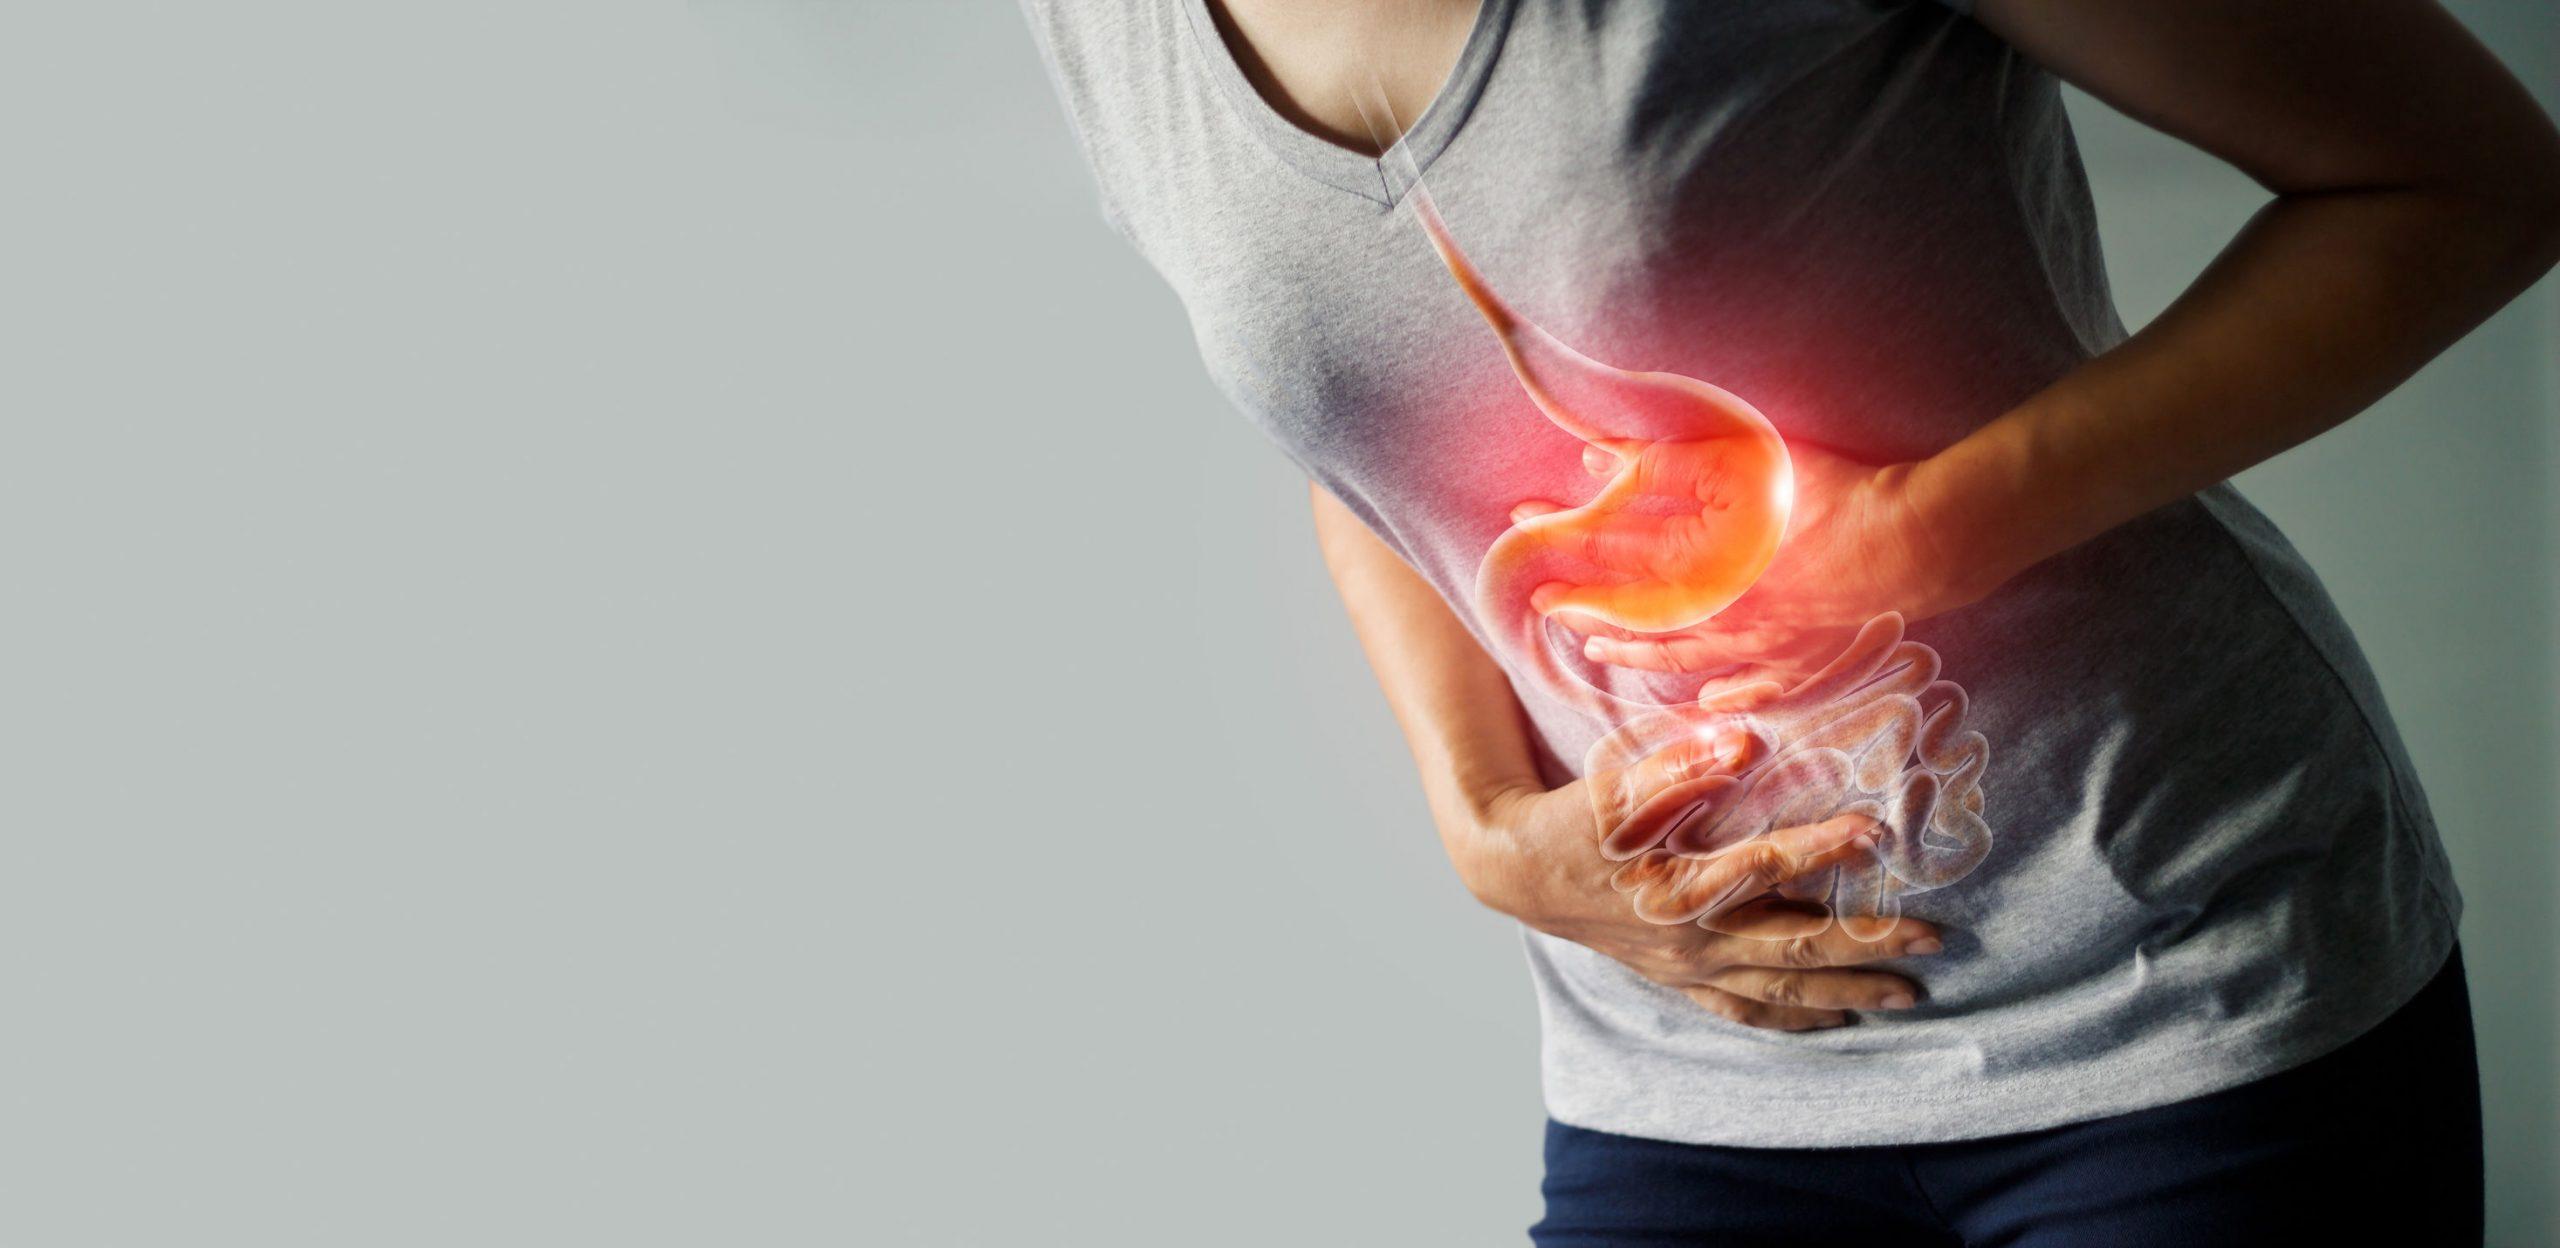 medikament-gegen-magenschmerzen-test